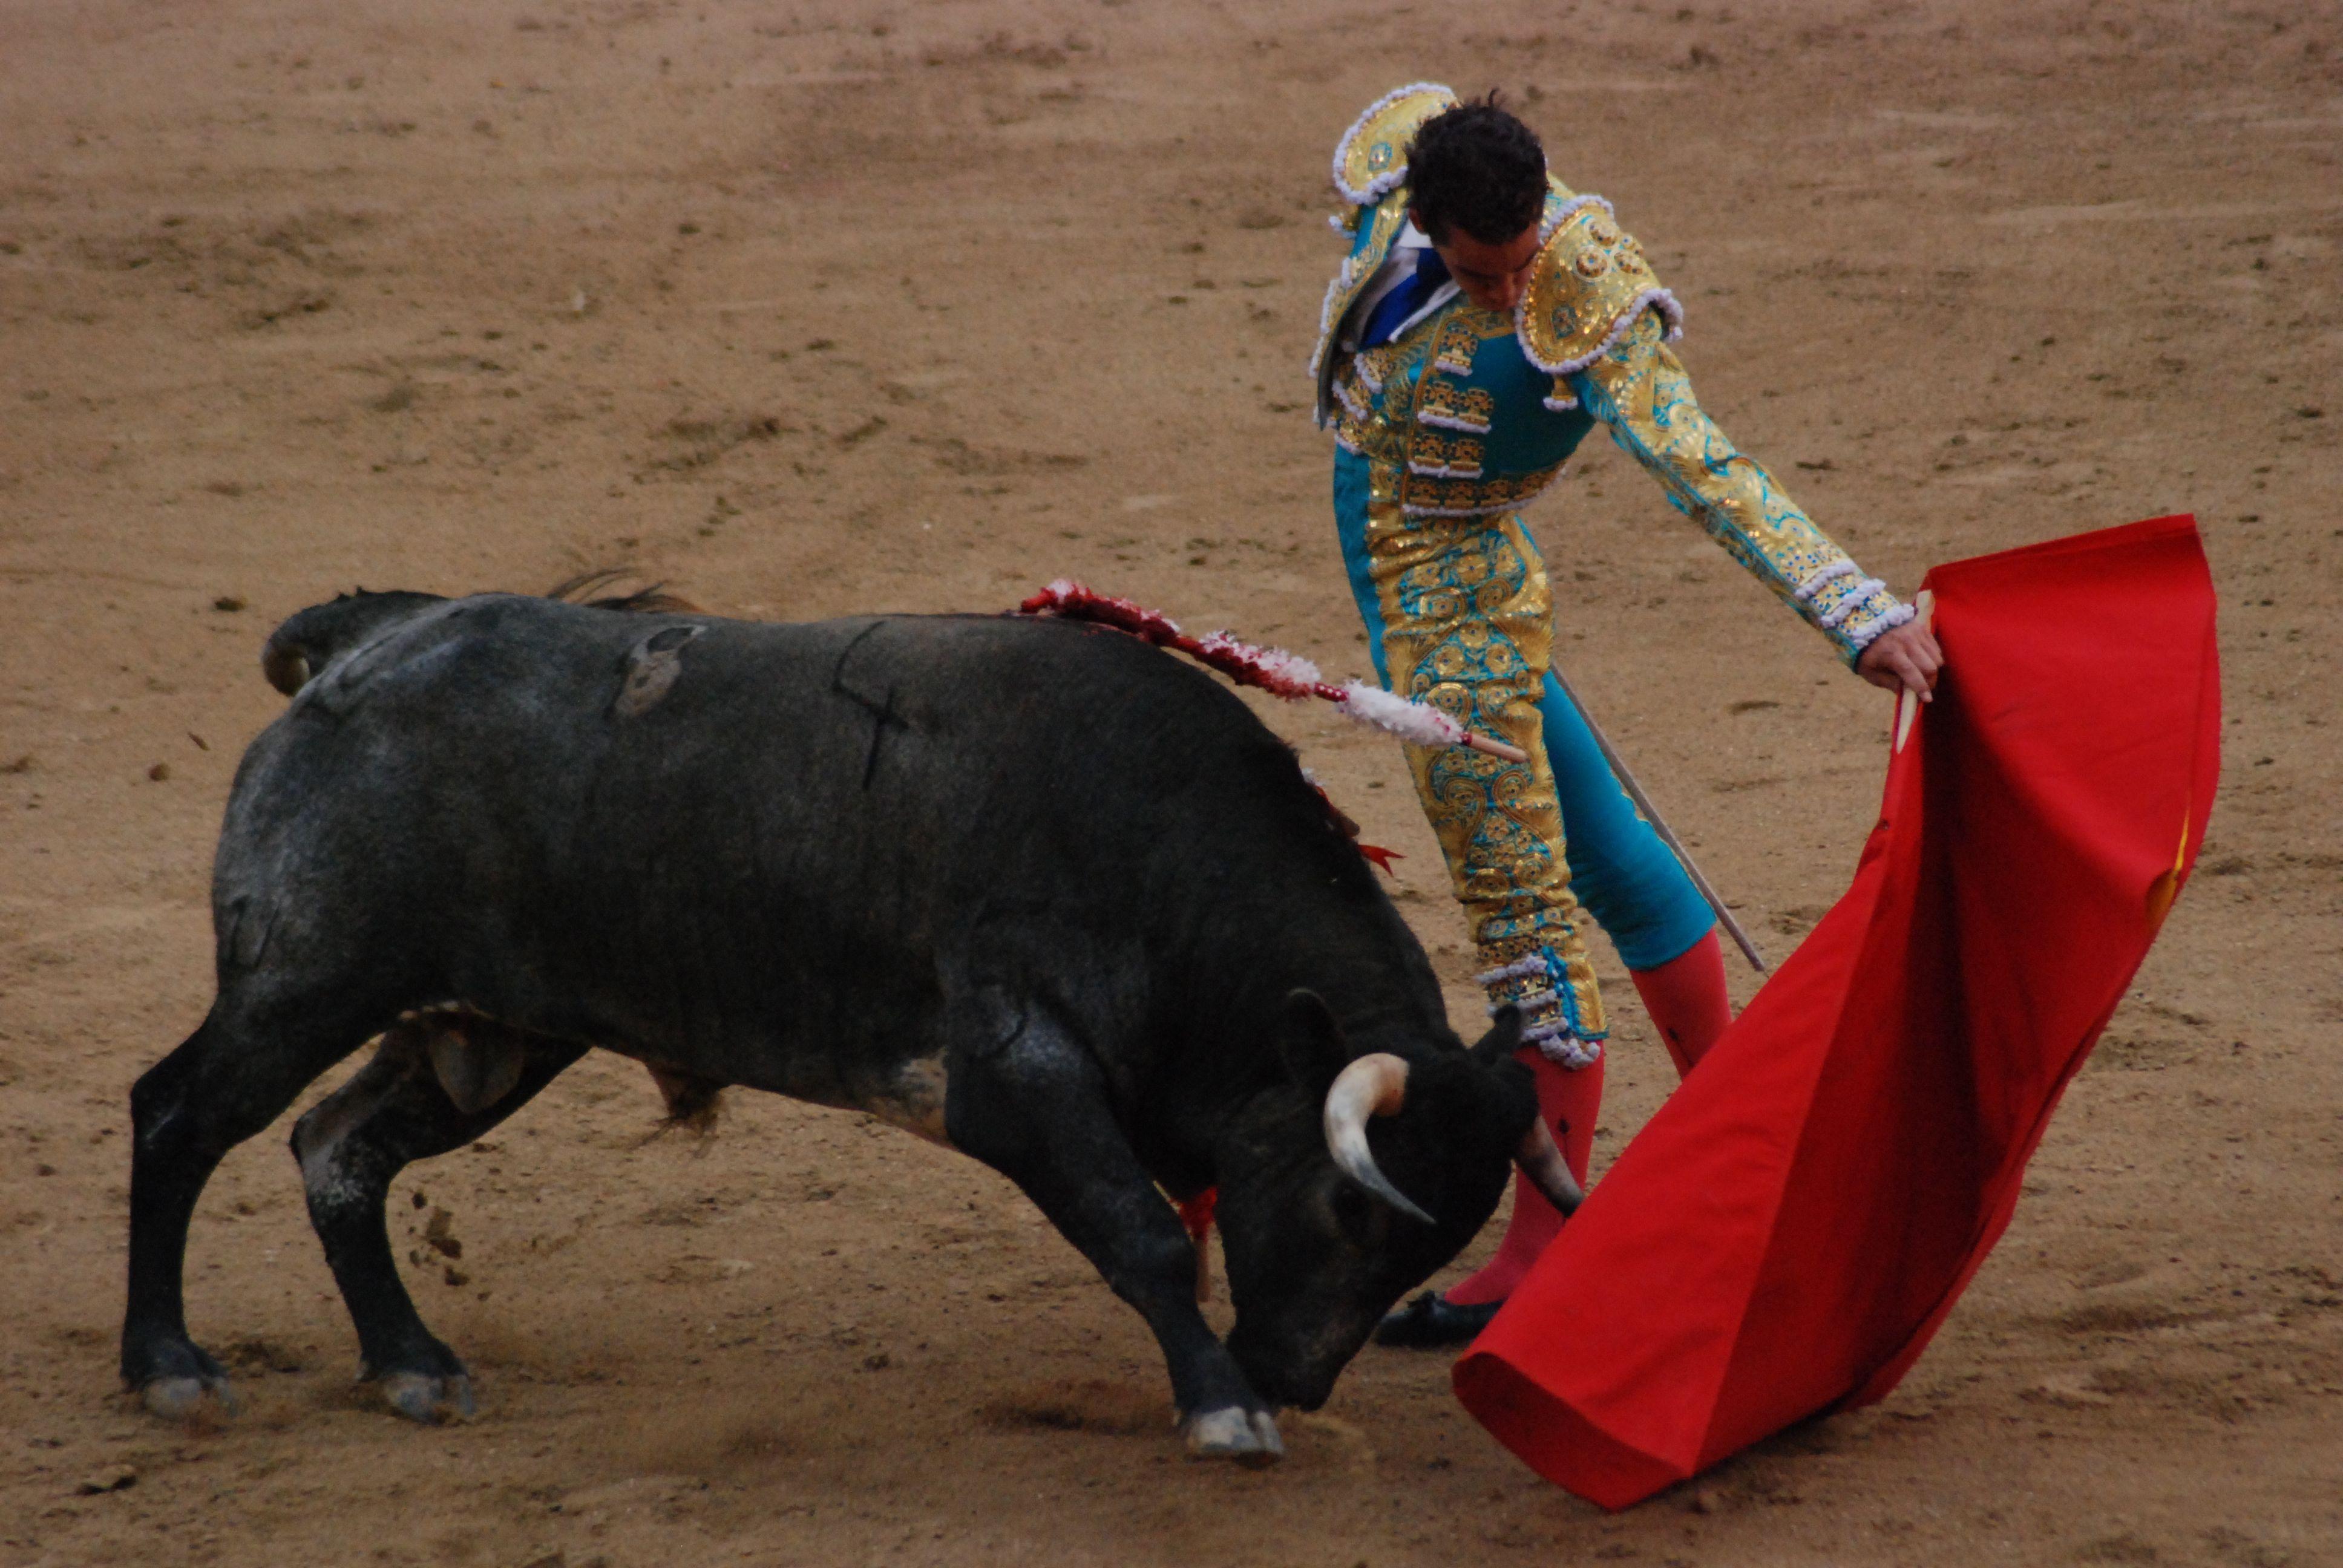 Corrida a Madrid finisce nel sangue: il torero Pablo Belando è grave